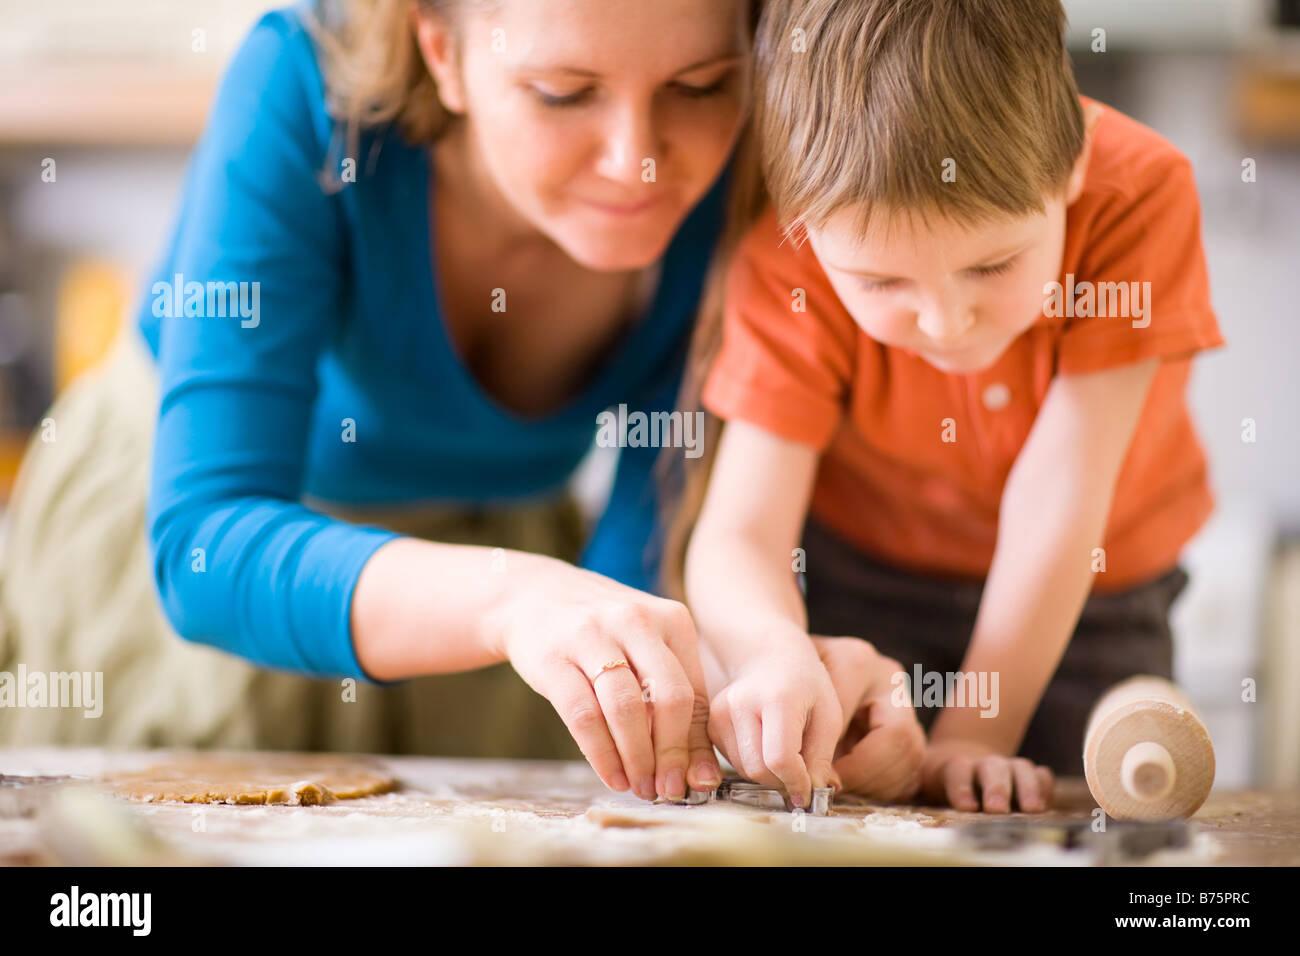 La joven madre y su hijo en la cocina hacer galletas Foto de stock